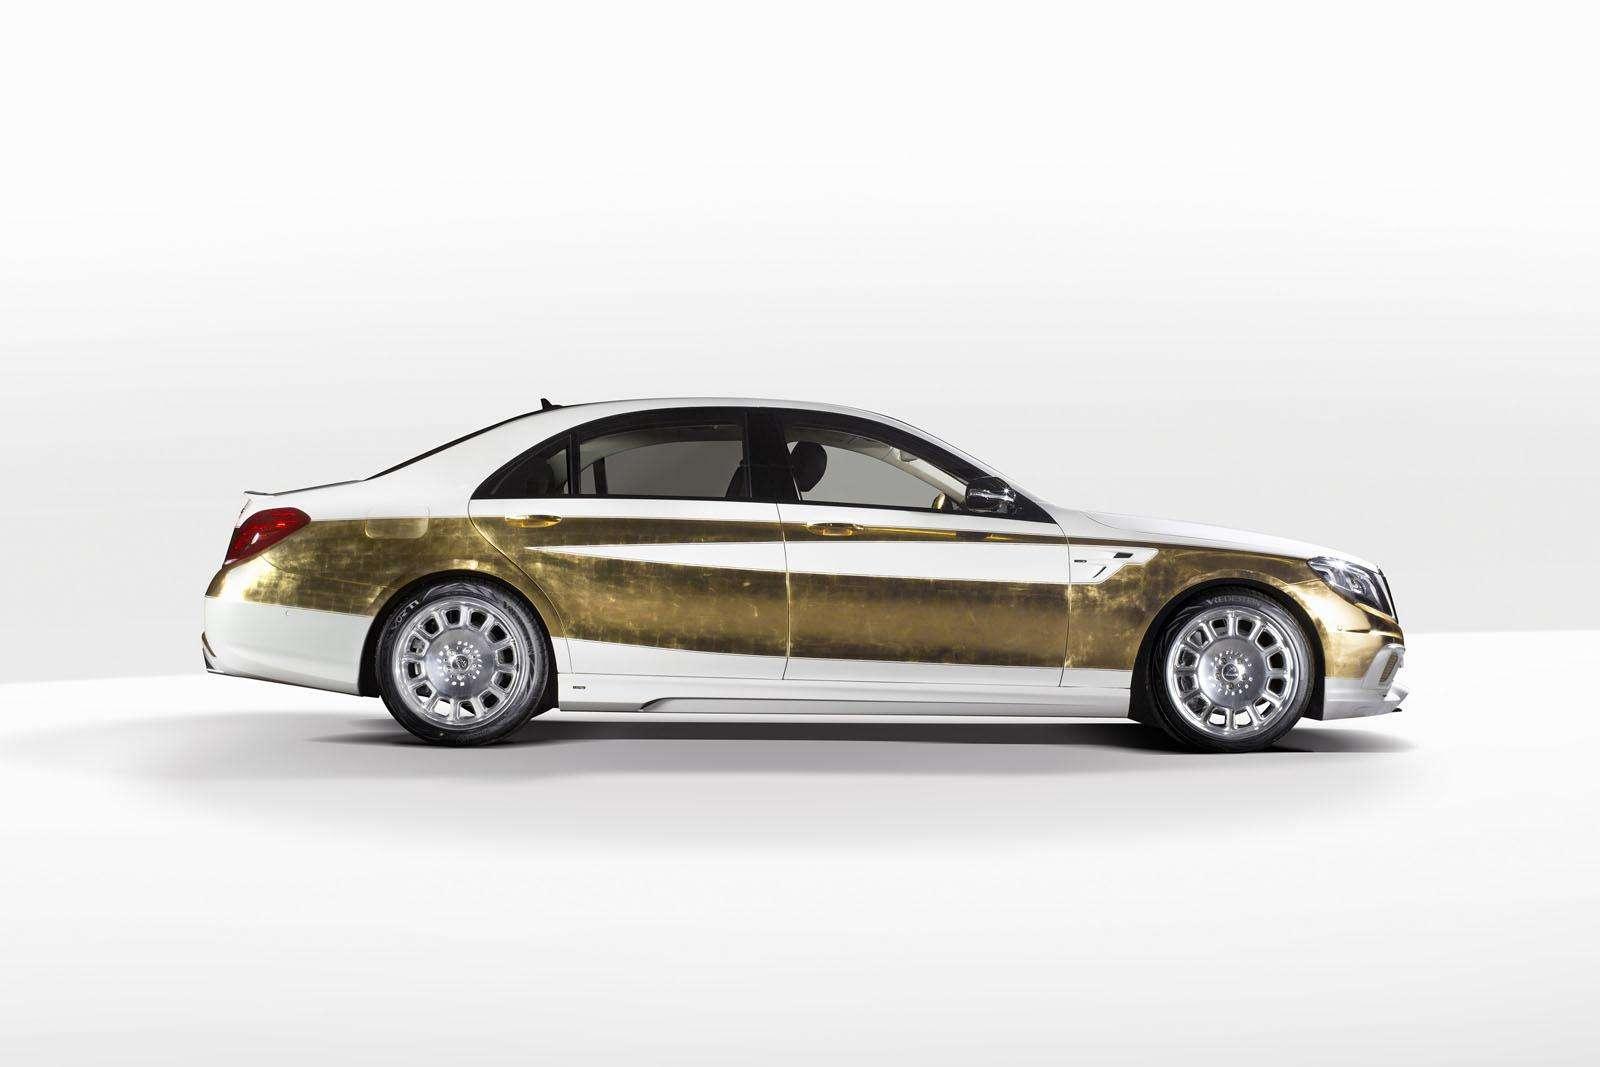 Samochód ze złota